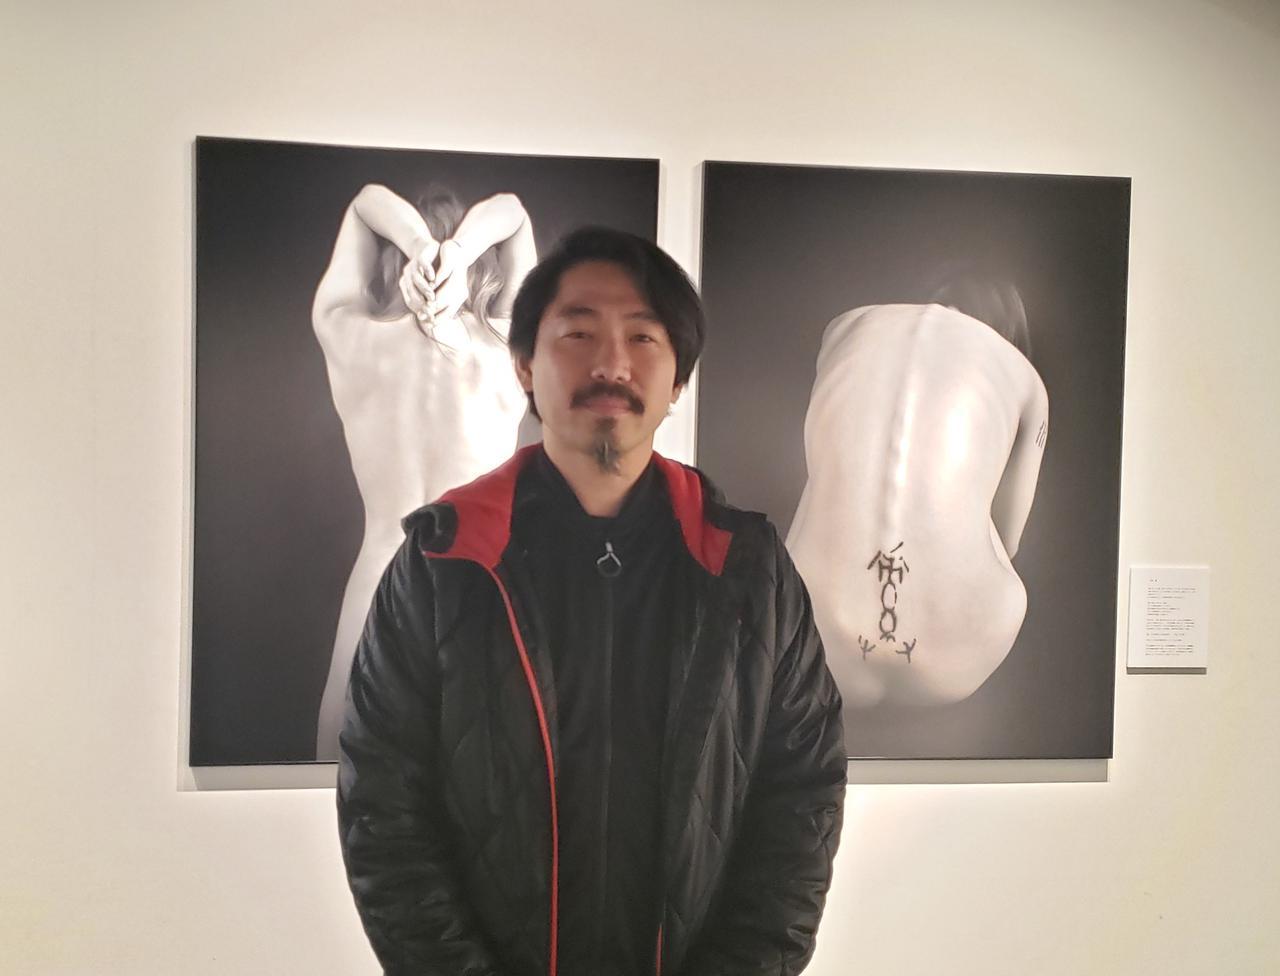 画像: 会場では温かく、丁寧に『文身』についてお話してくださった桐生眞輔さん。 桐生さんの『文身』のプロジェクトは現在まで約20人の方が参加。100人に文身を施すことを目標にされているそうです。